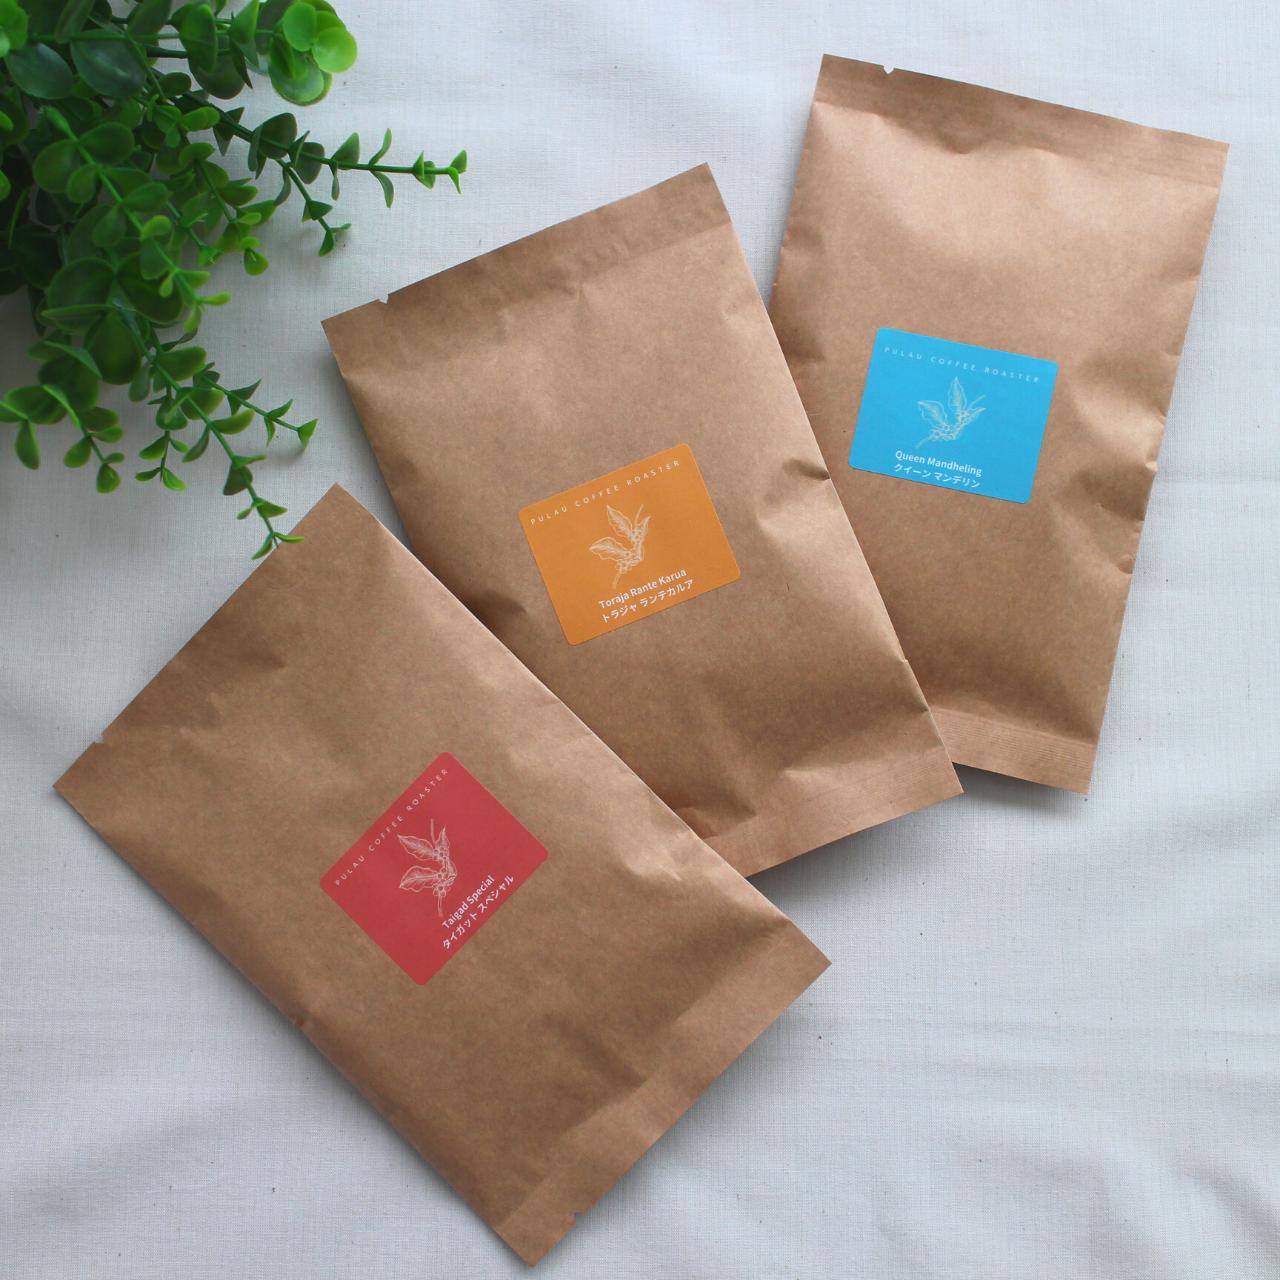 【新商品】《お一人様1セット限定・送料無料》コーヒー豆お試しセット 3種類x60g